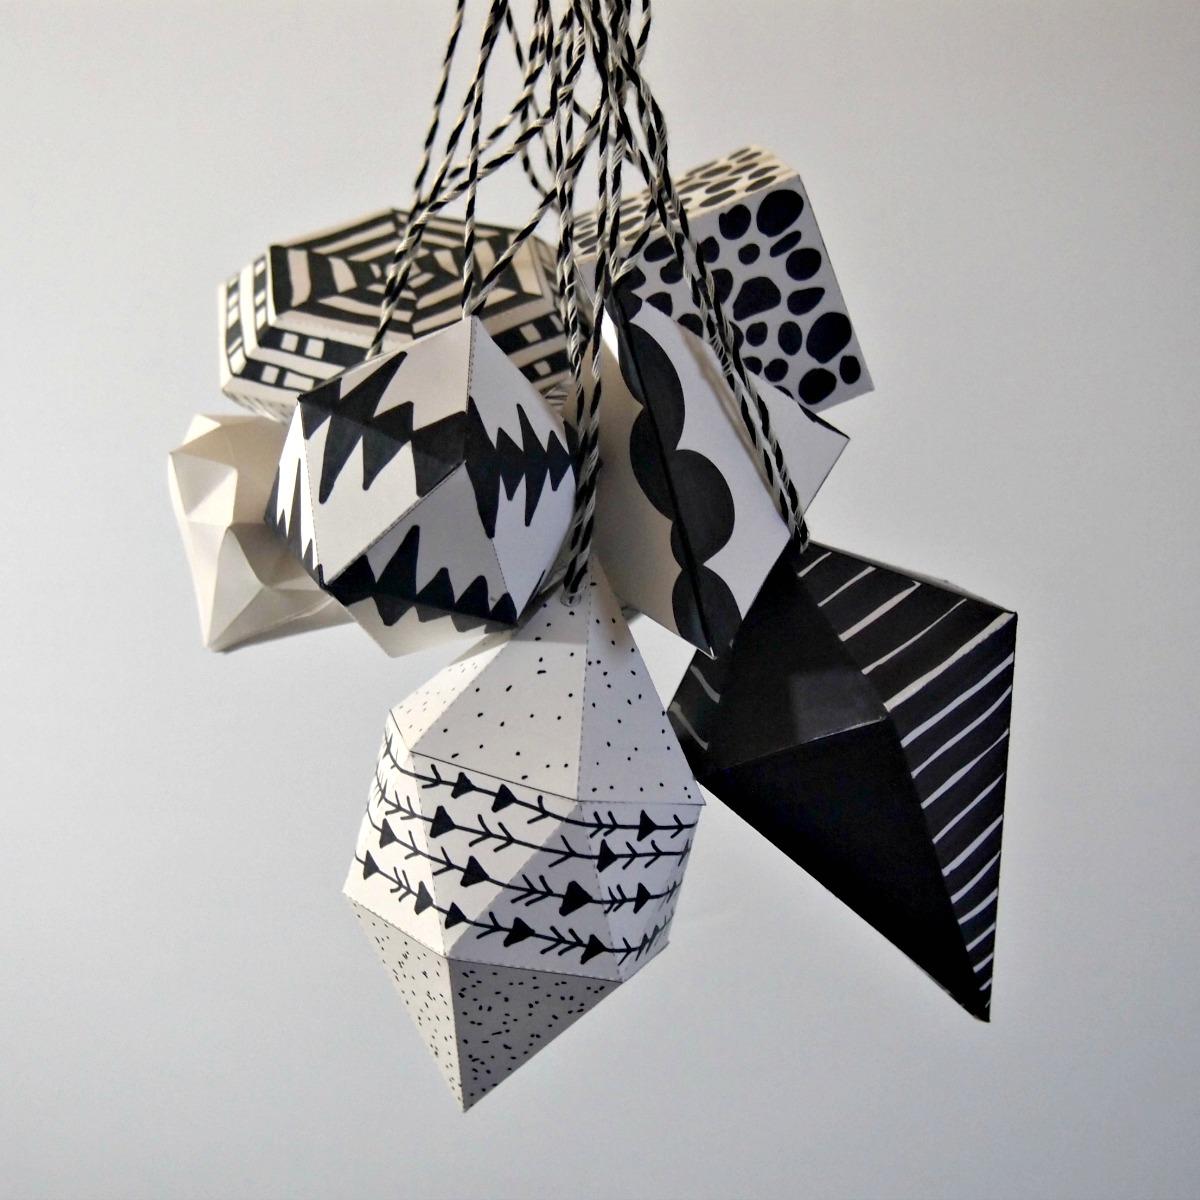 Бело-черный декор в геометрической форме